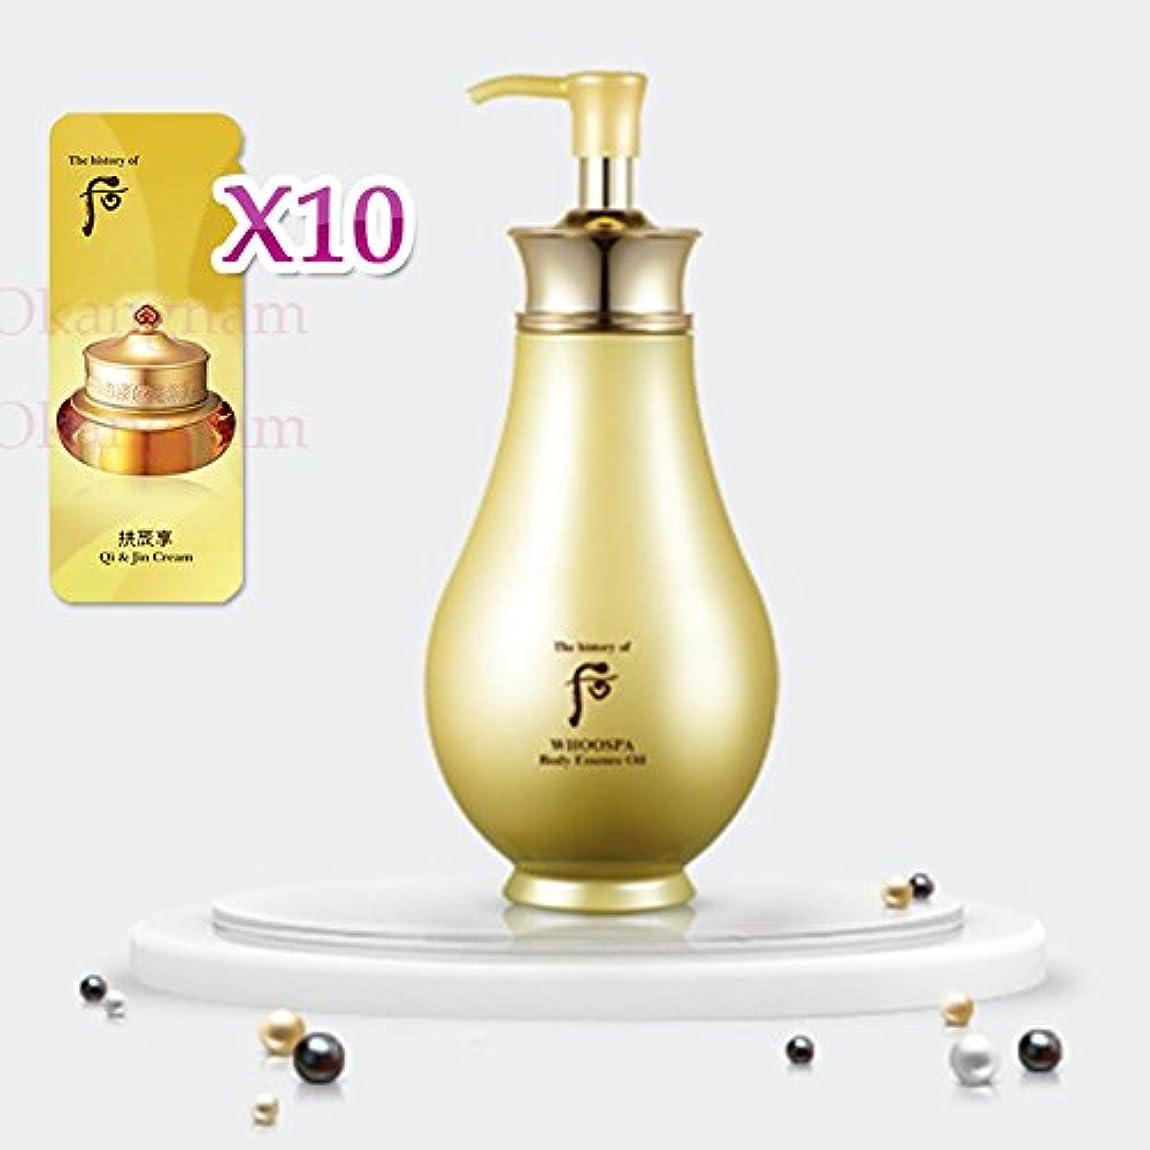 アラブサラボ警告するペック【フー/The history of whoo] Whoo后SPA03 Whoo Spa Body Essence Oil/后(フー)フス派ボディエッセンスオイル + [Sample Gift](海外直送品)